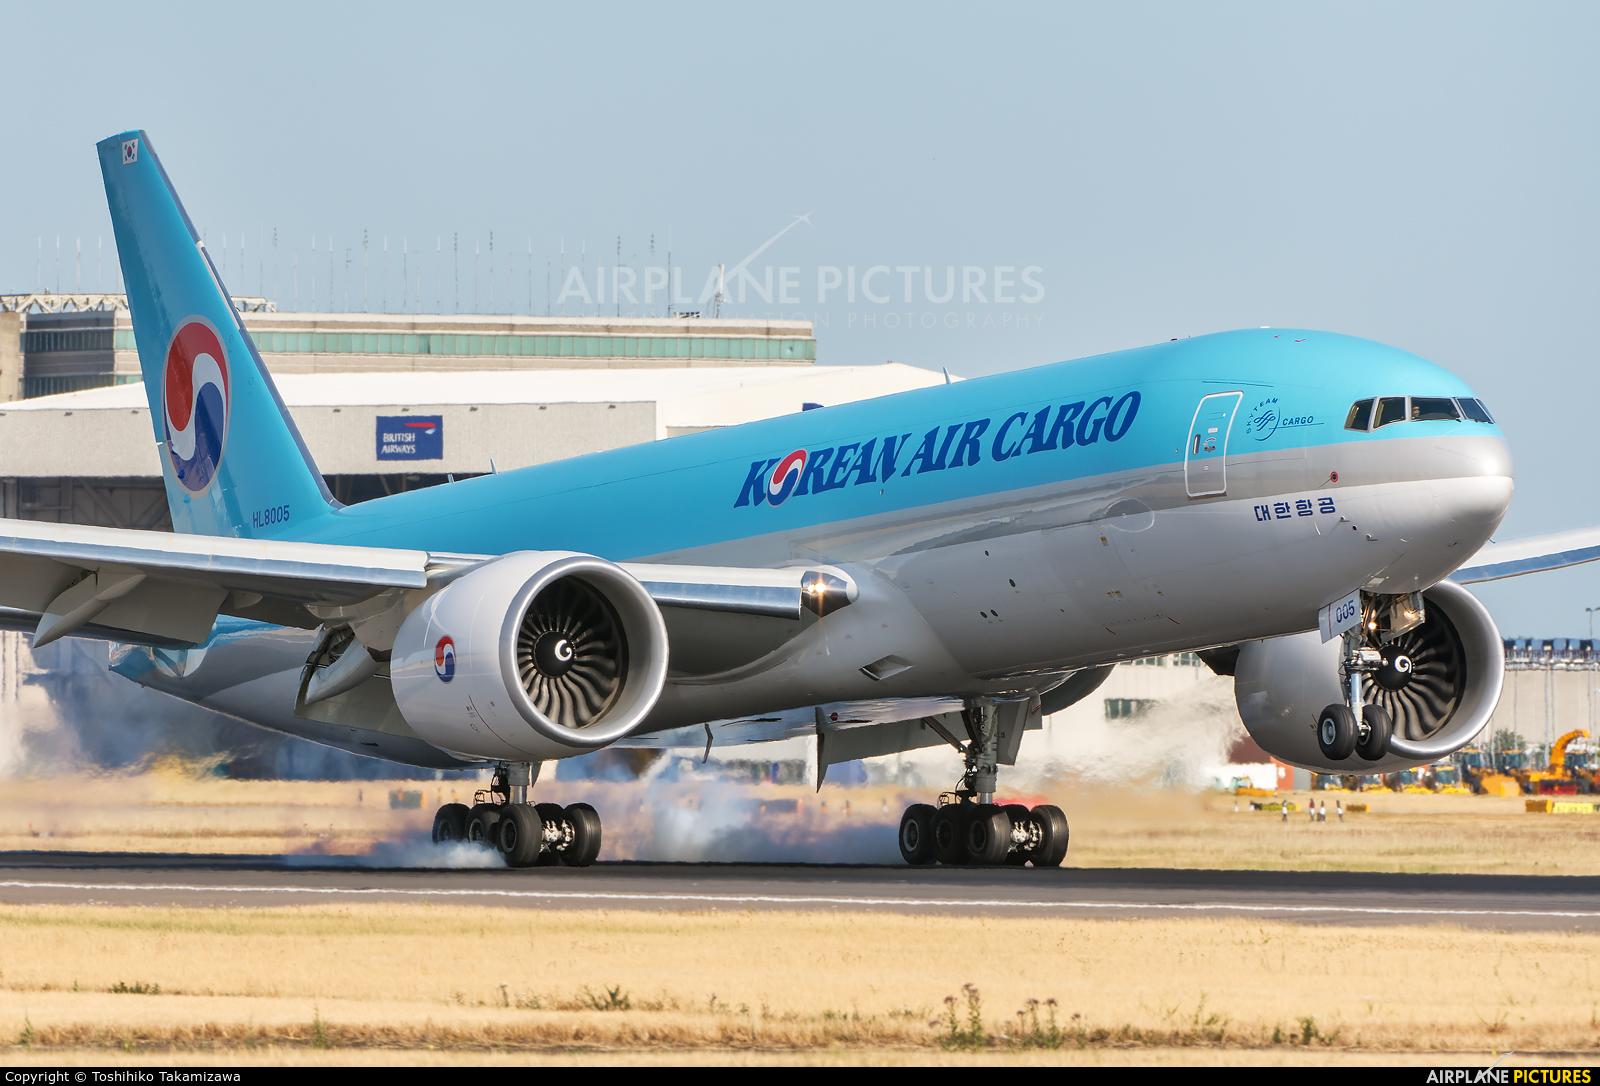 Korean Air Cargo HL8005 aircraft at London - Heathrow